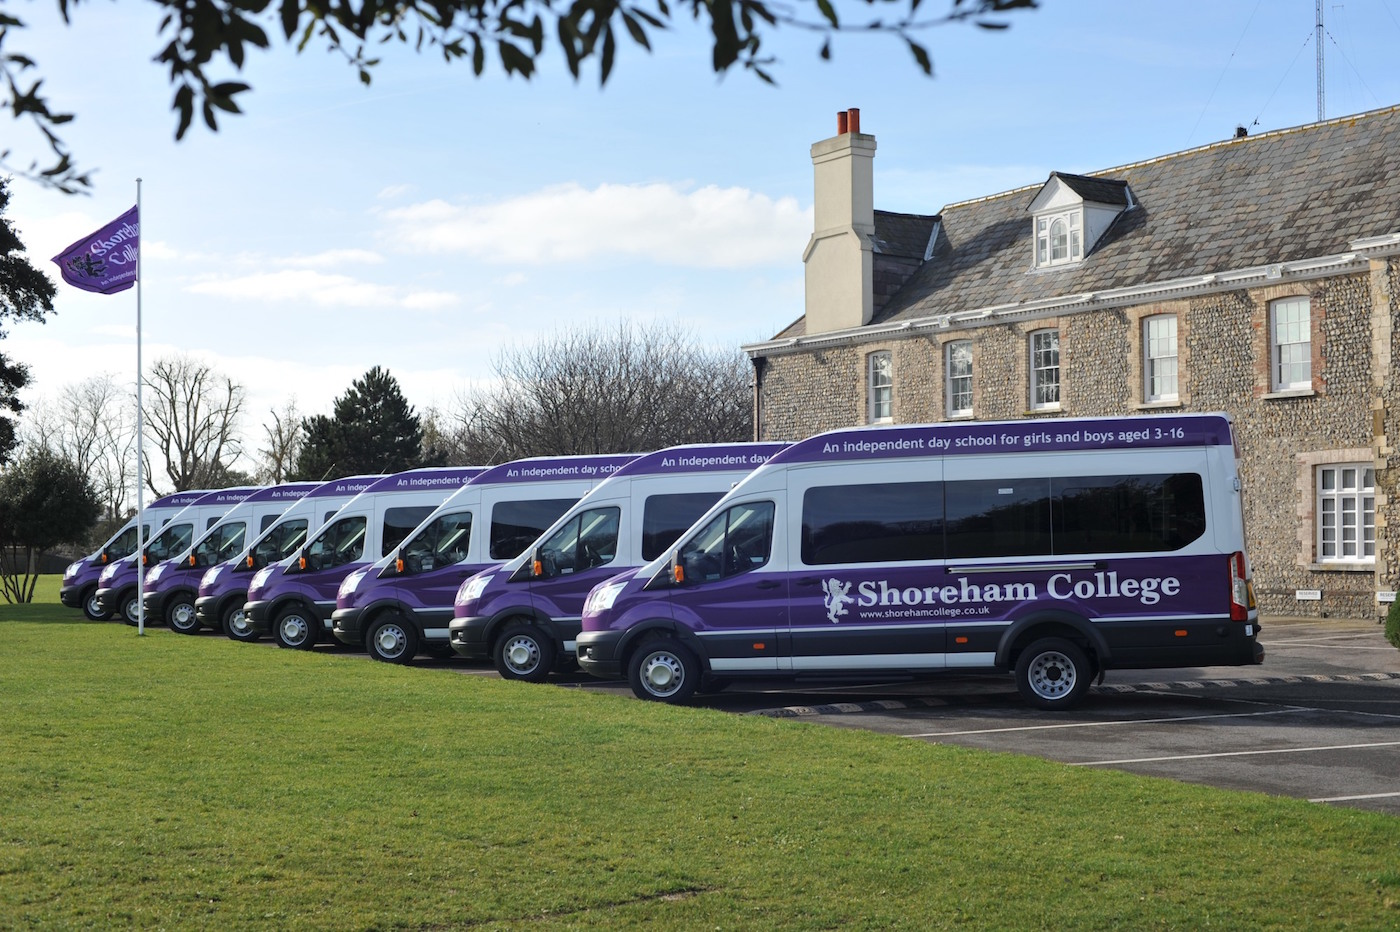 Shoreham College